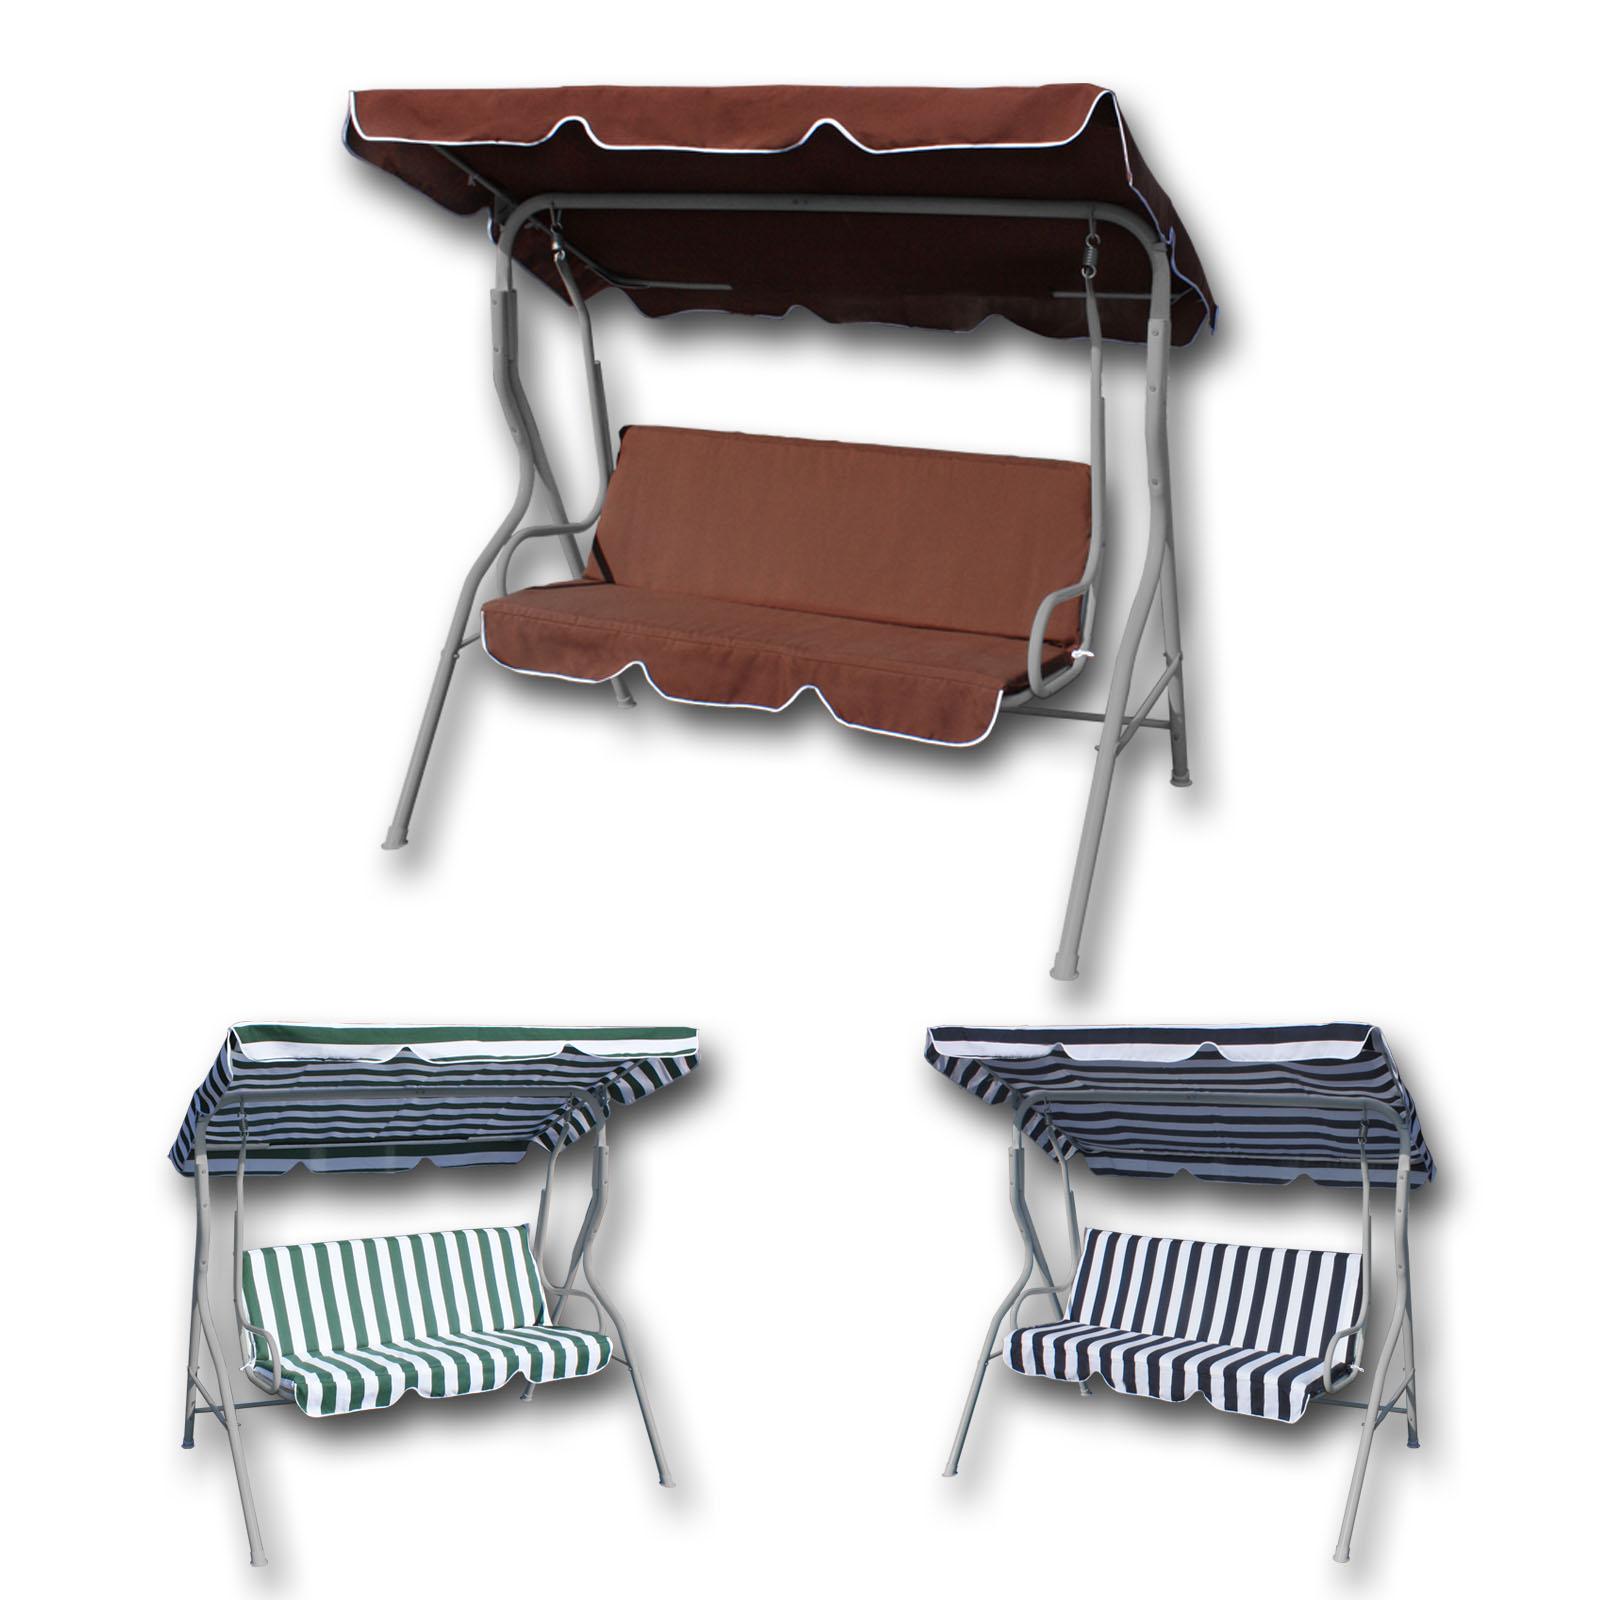 gartenliege hollywoodschaukel schaukel 3 sitzer 3 verschiedene farbvarianten ebay. Black Bedroom Furniture Sets. Home Design Ideas